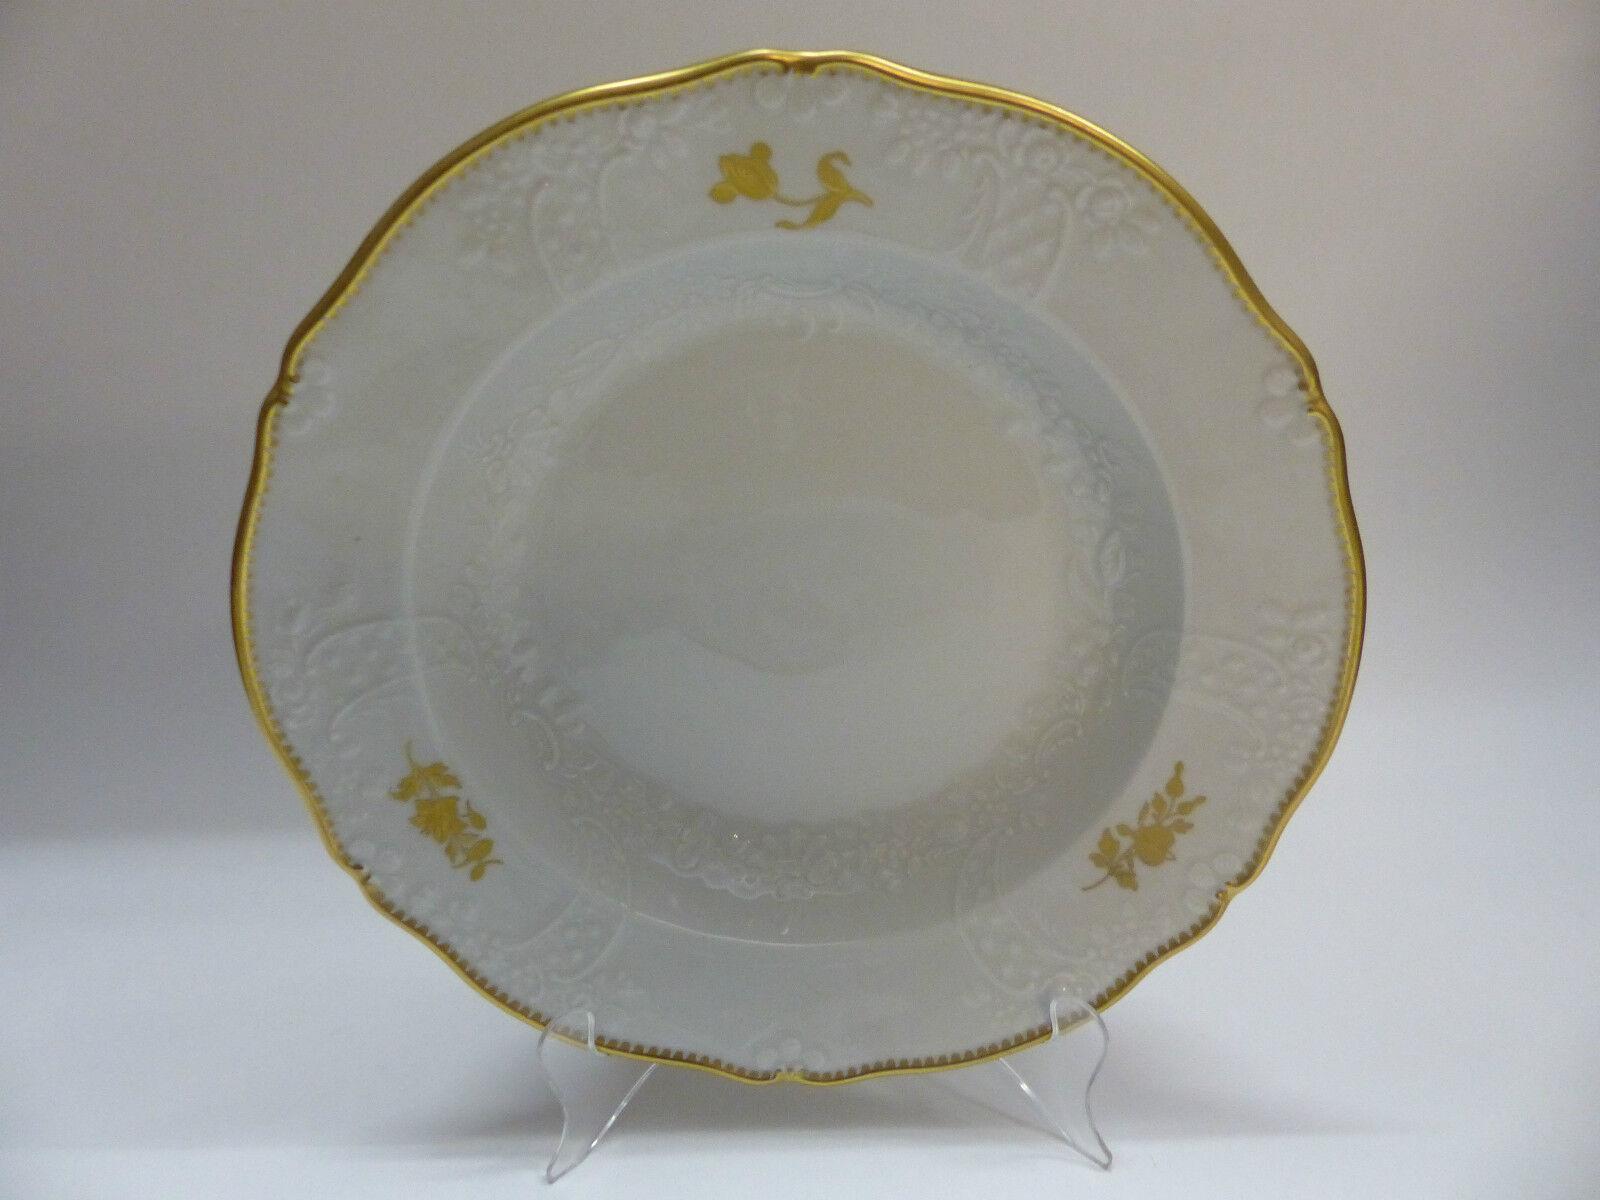 Meissen Gestreute Goldene Rosa Form Neumarseille Speiseteller 27 27 27 cm   | Neue Sorten werden eingeführt  e1b2a1